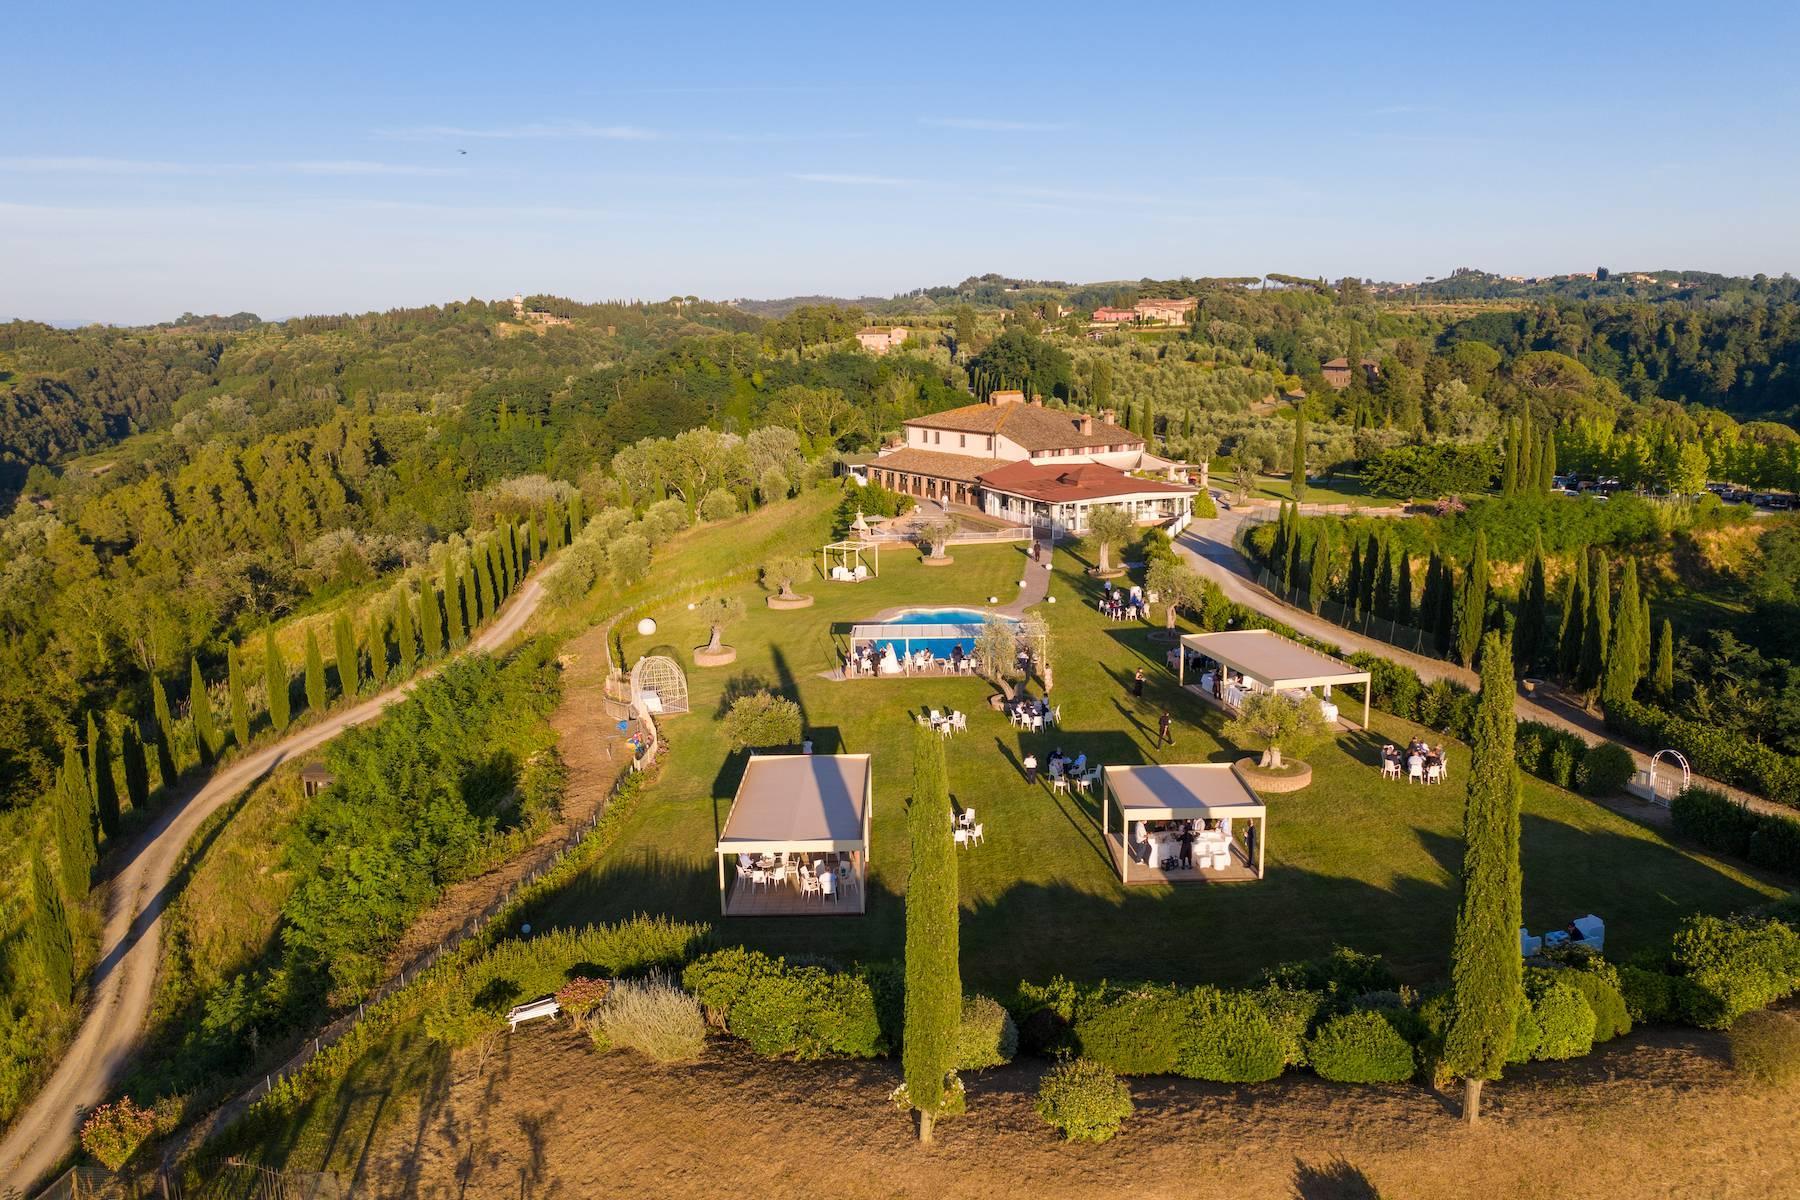 Wunderschönes Anwesen mit 202 Hektar Land im Herzen der Toskana - 2